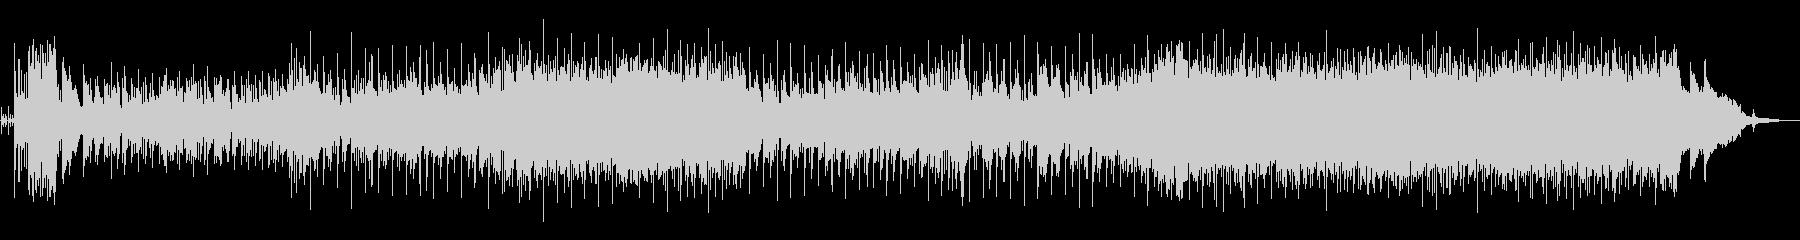 ほのぼのした雰囲気のミドルテンポポップスの未再生の波形